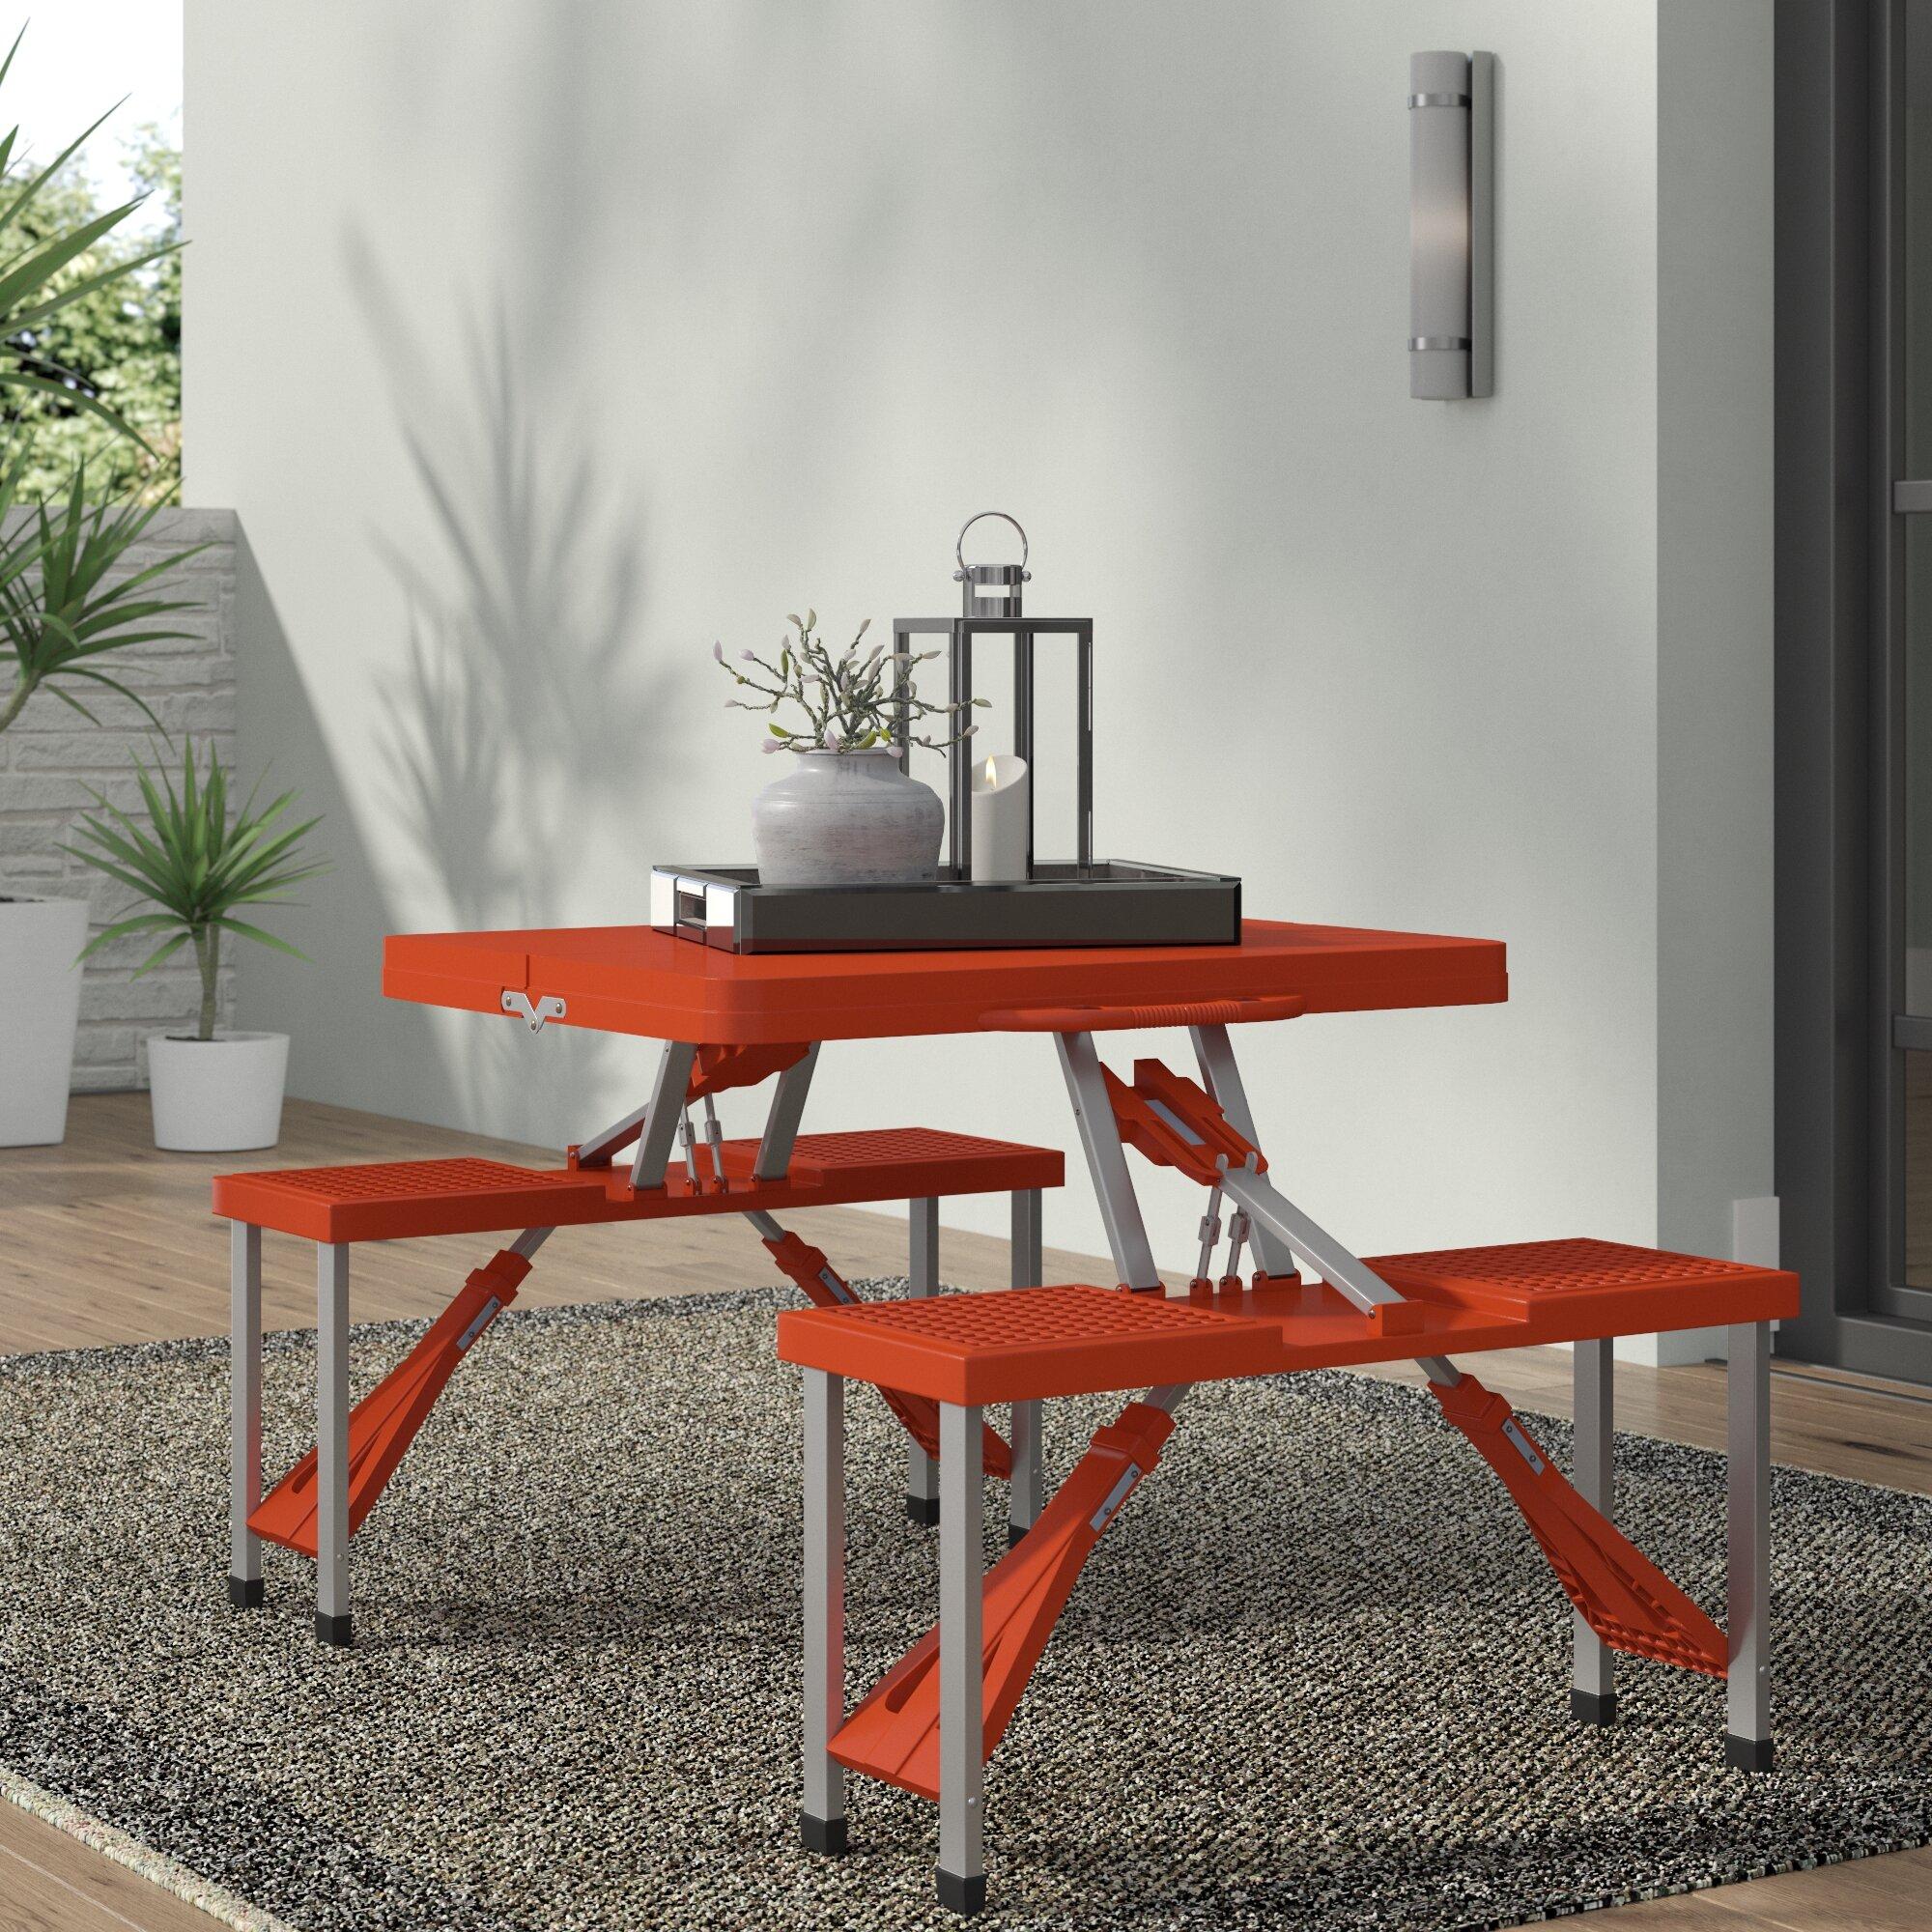 Prime Haven Folding Camping Table Inzonedesignstudio Interior Chair Design Inzonedesignstudiocom